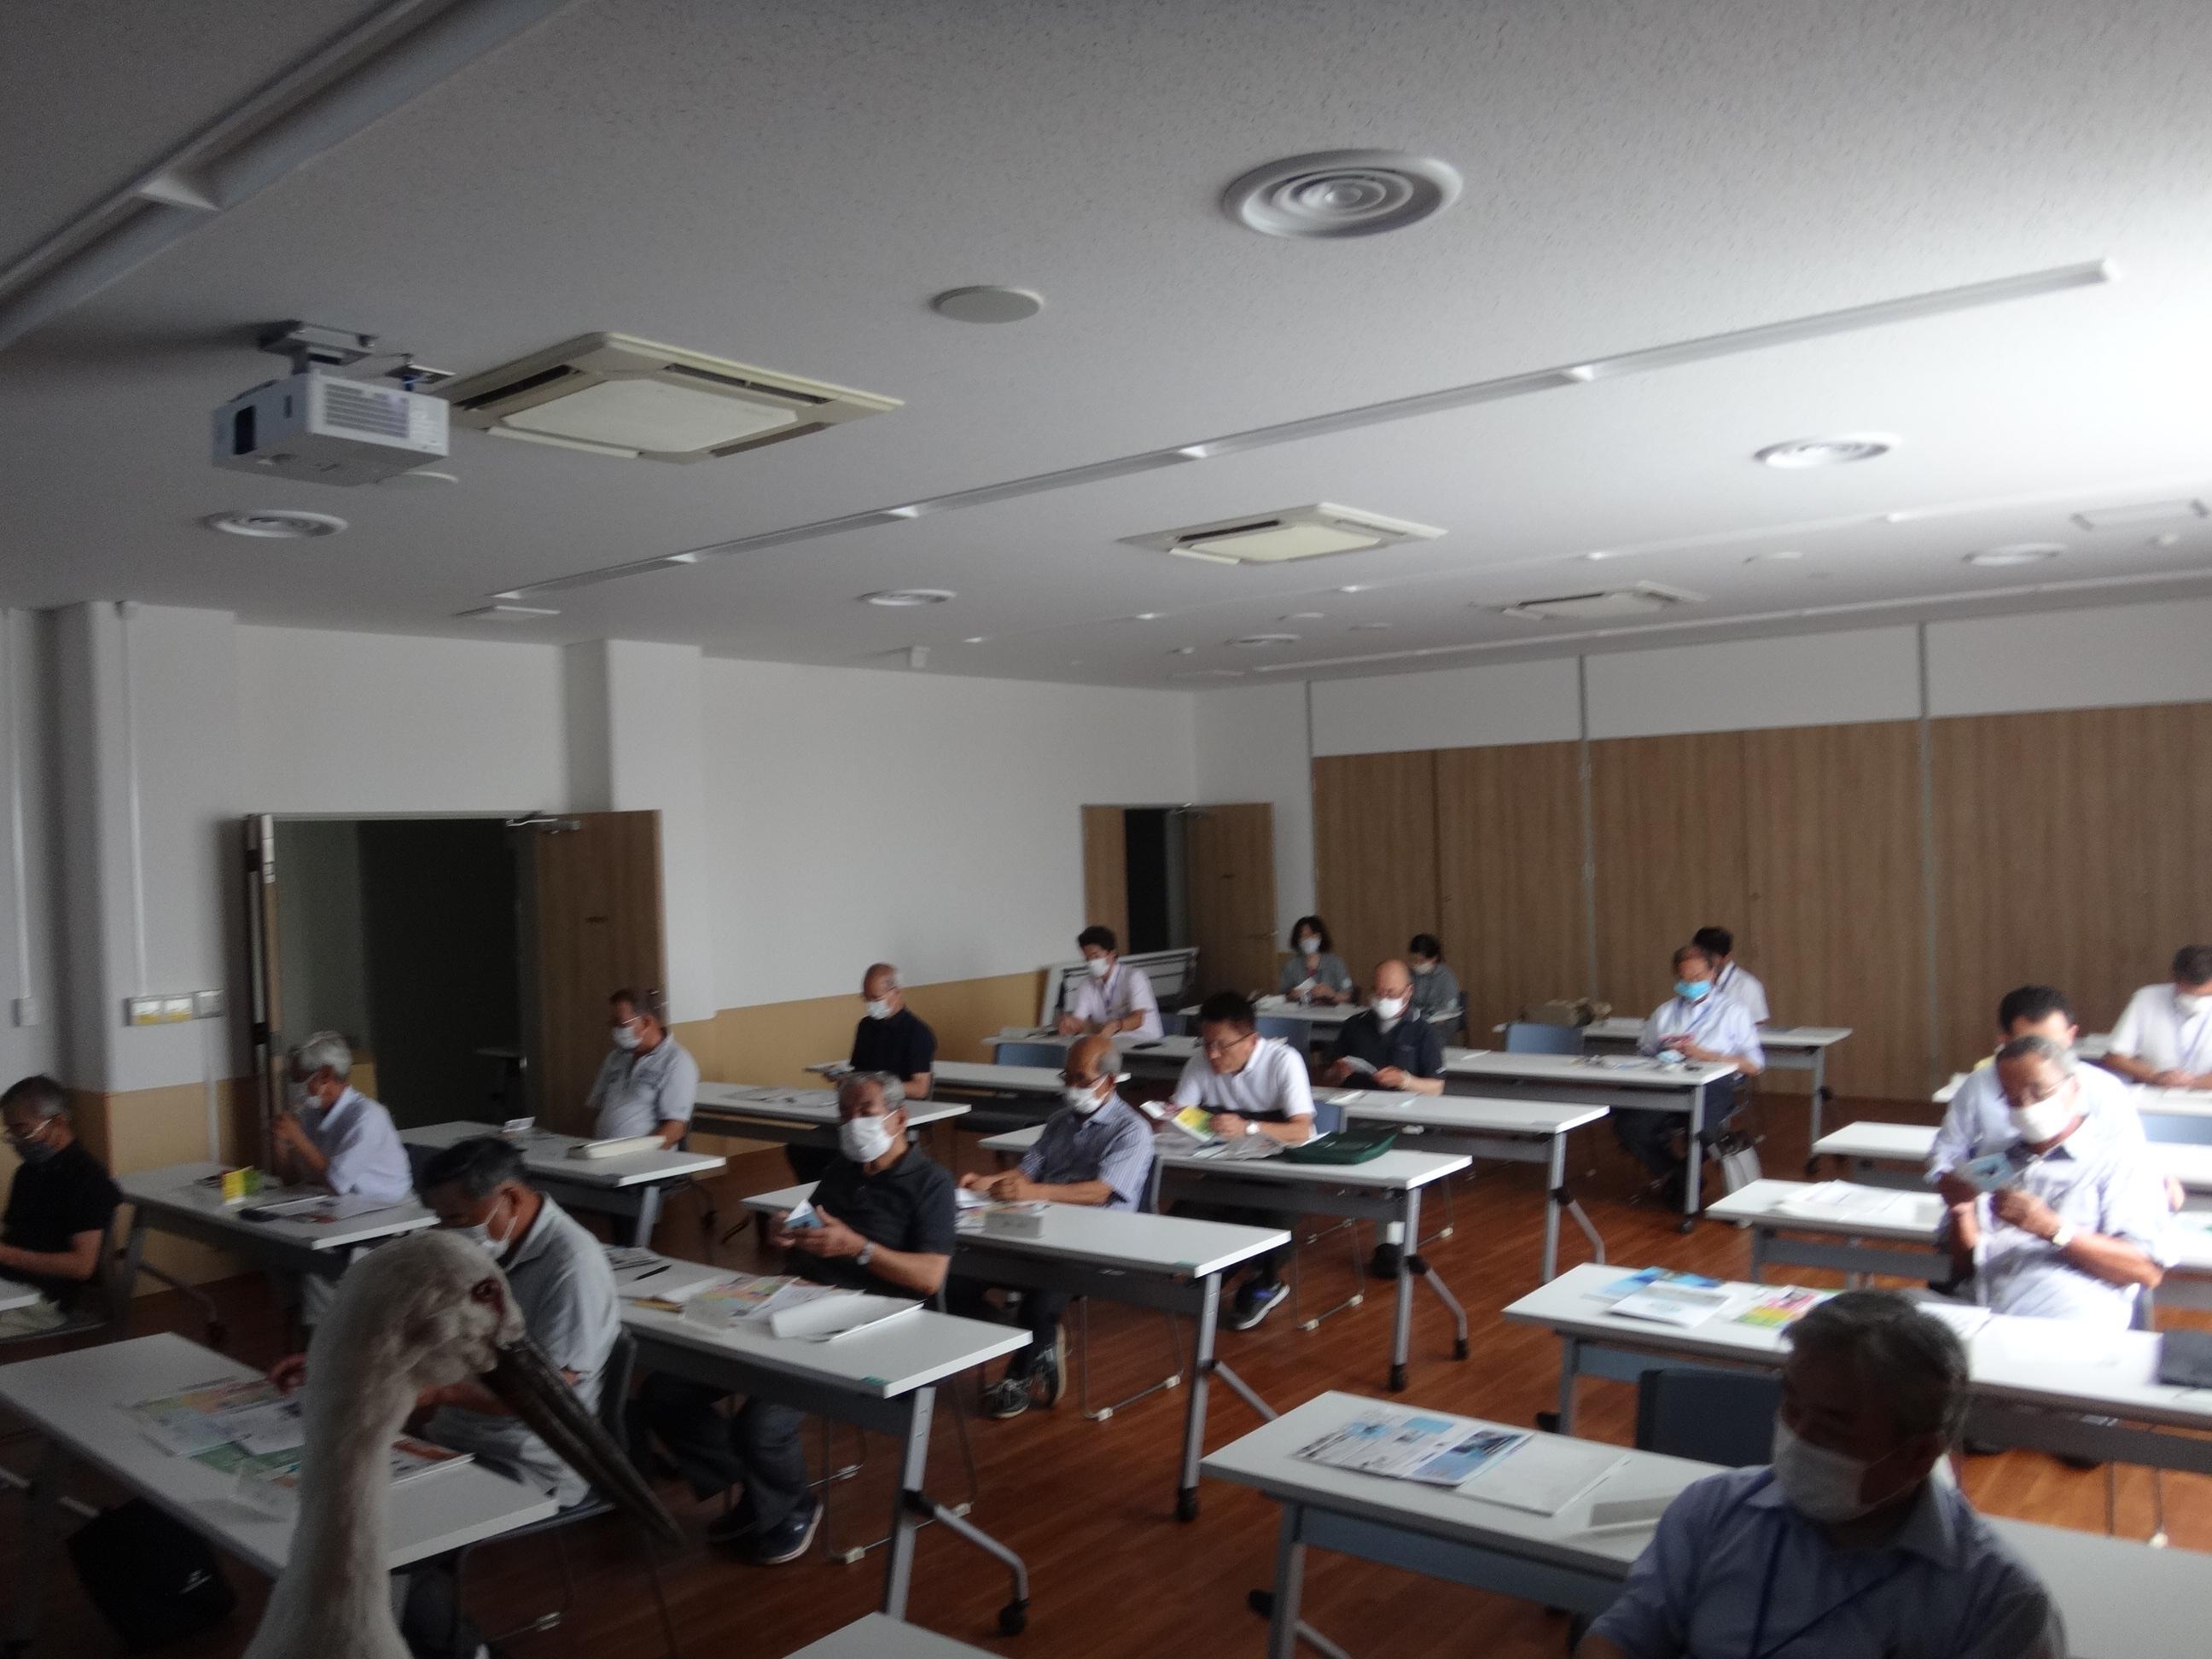 講演者の横にコウノトリの剥製(写真左下)も東播磨県民局から持参しました。